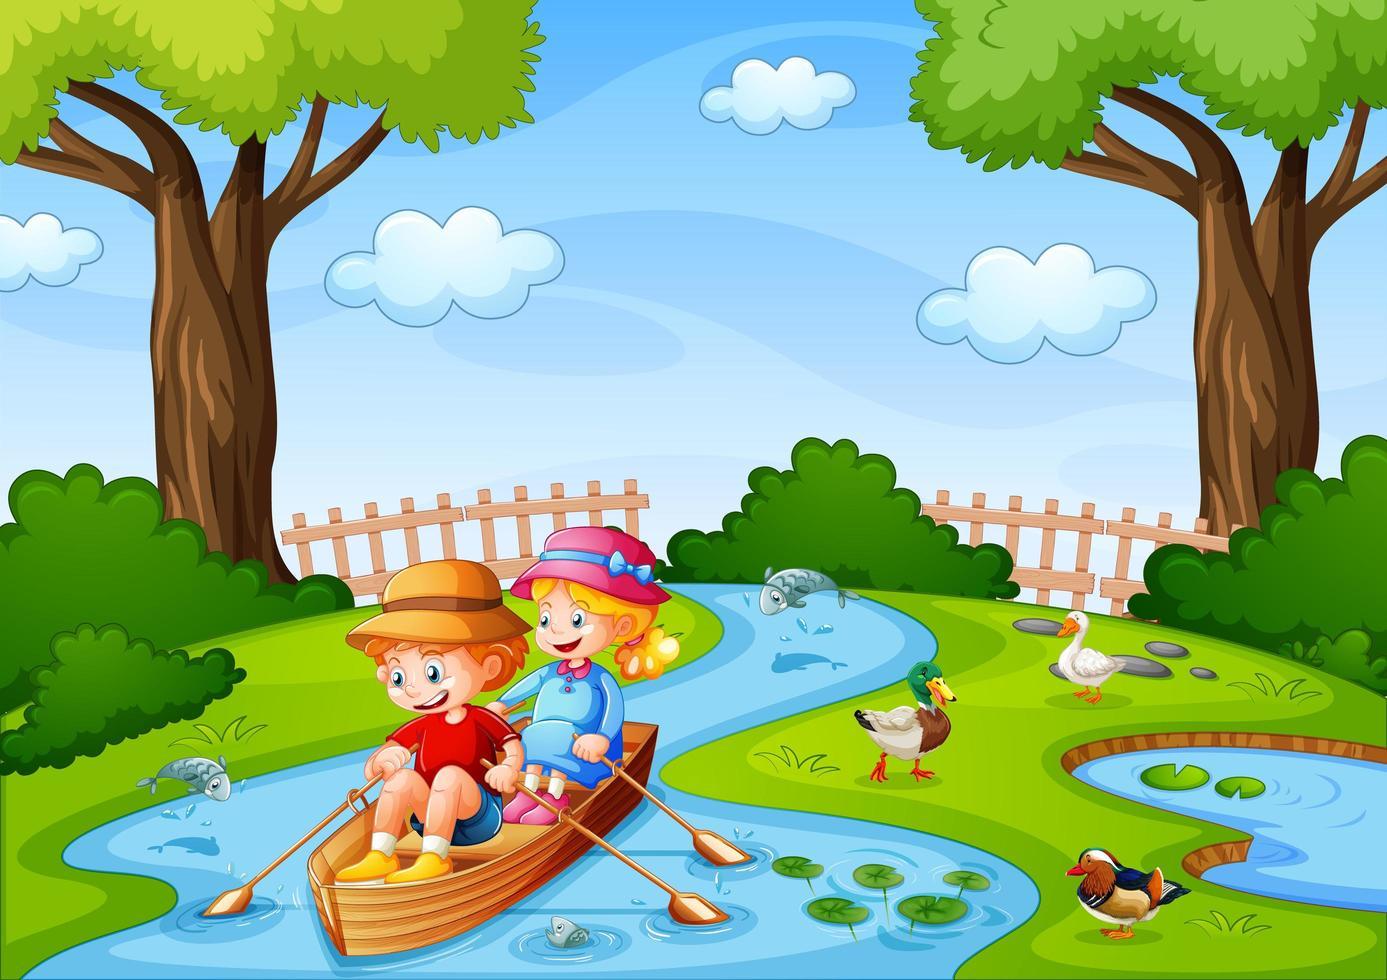 två barn ror båten i bäcken med sina sällskapsdjur vektor